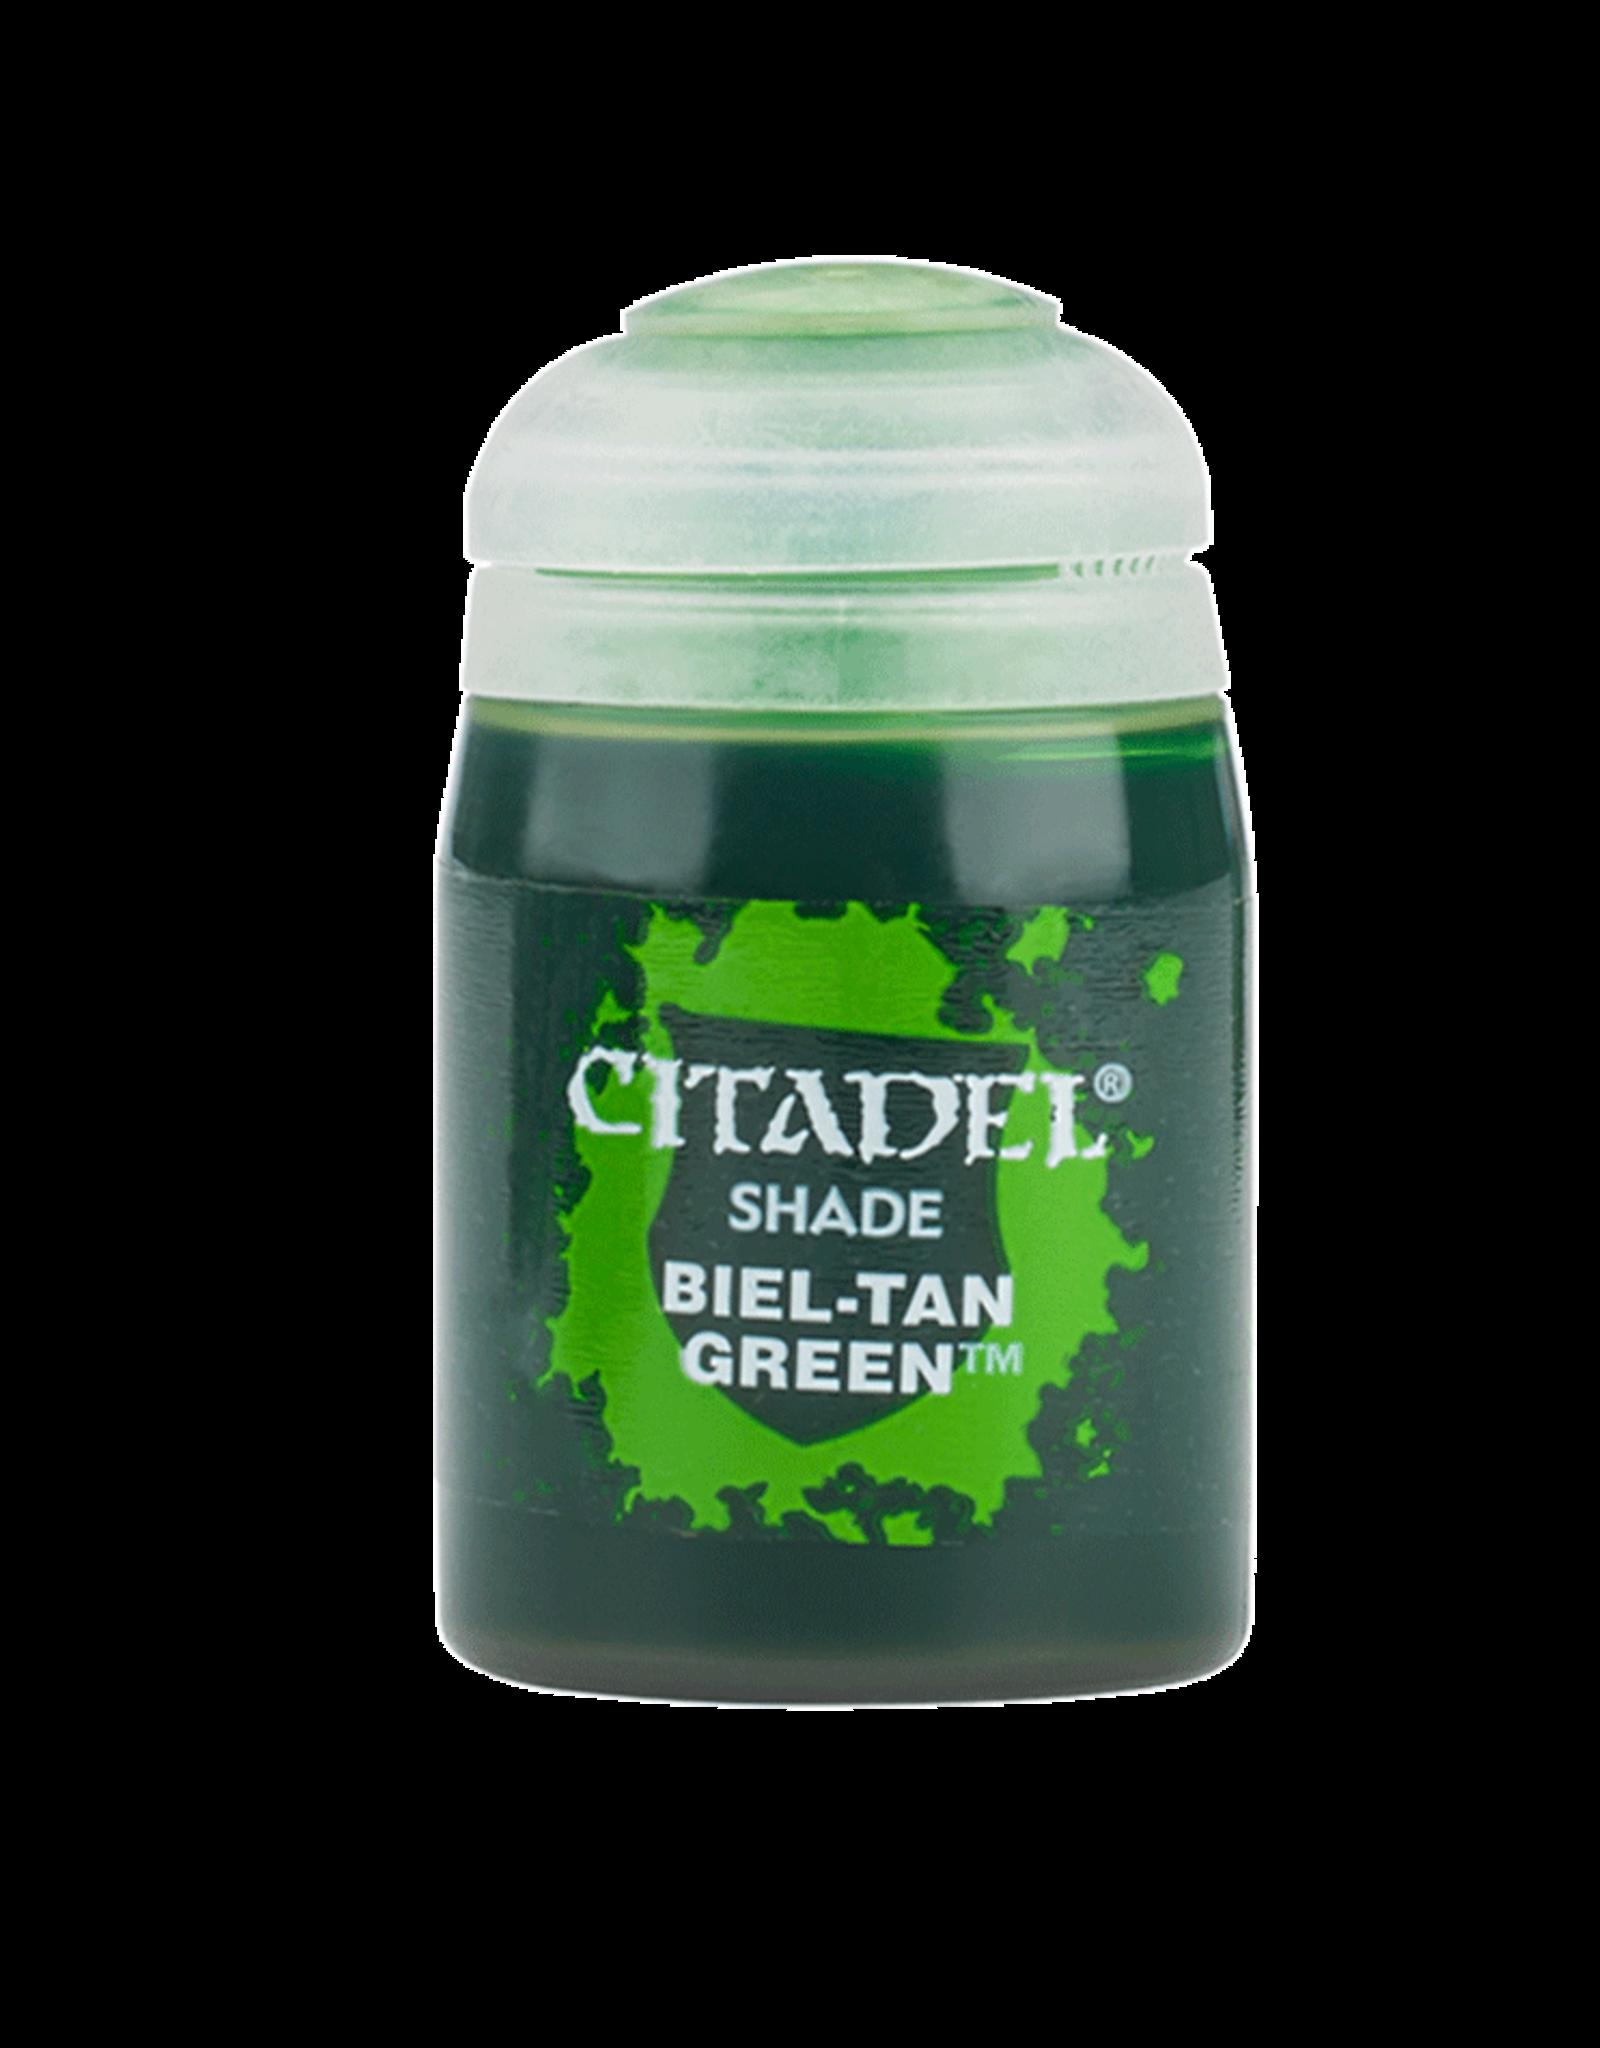 Citadel Citadel Shade: Biel-tan Green (24ml)